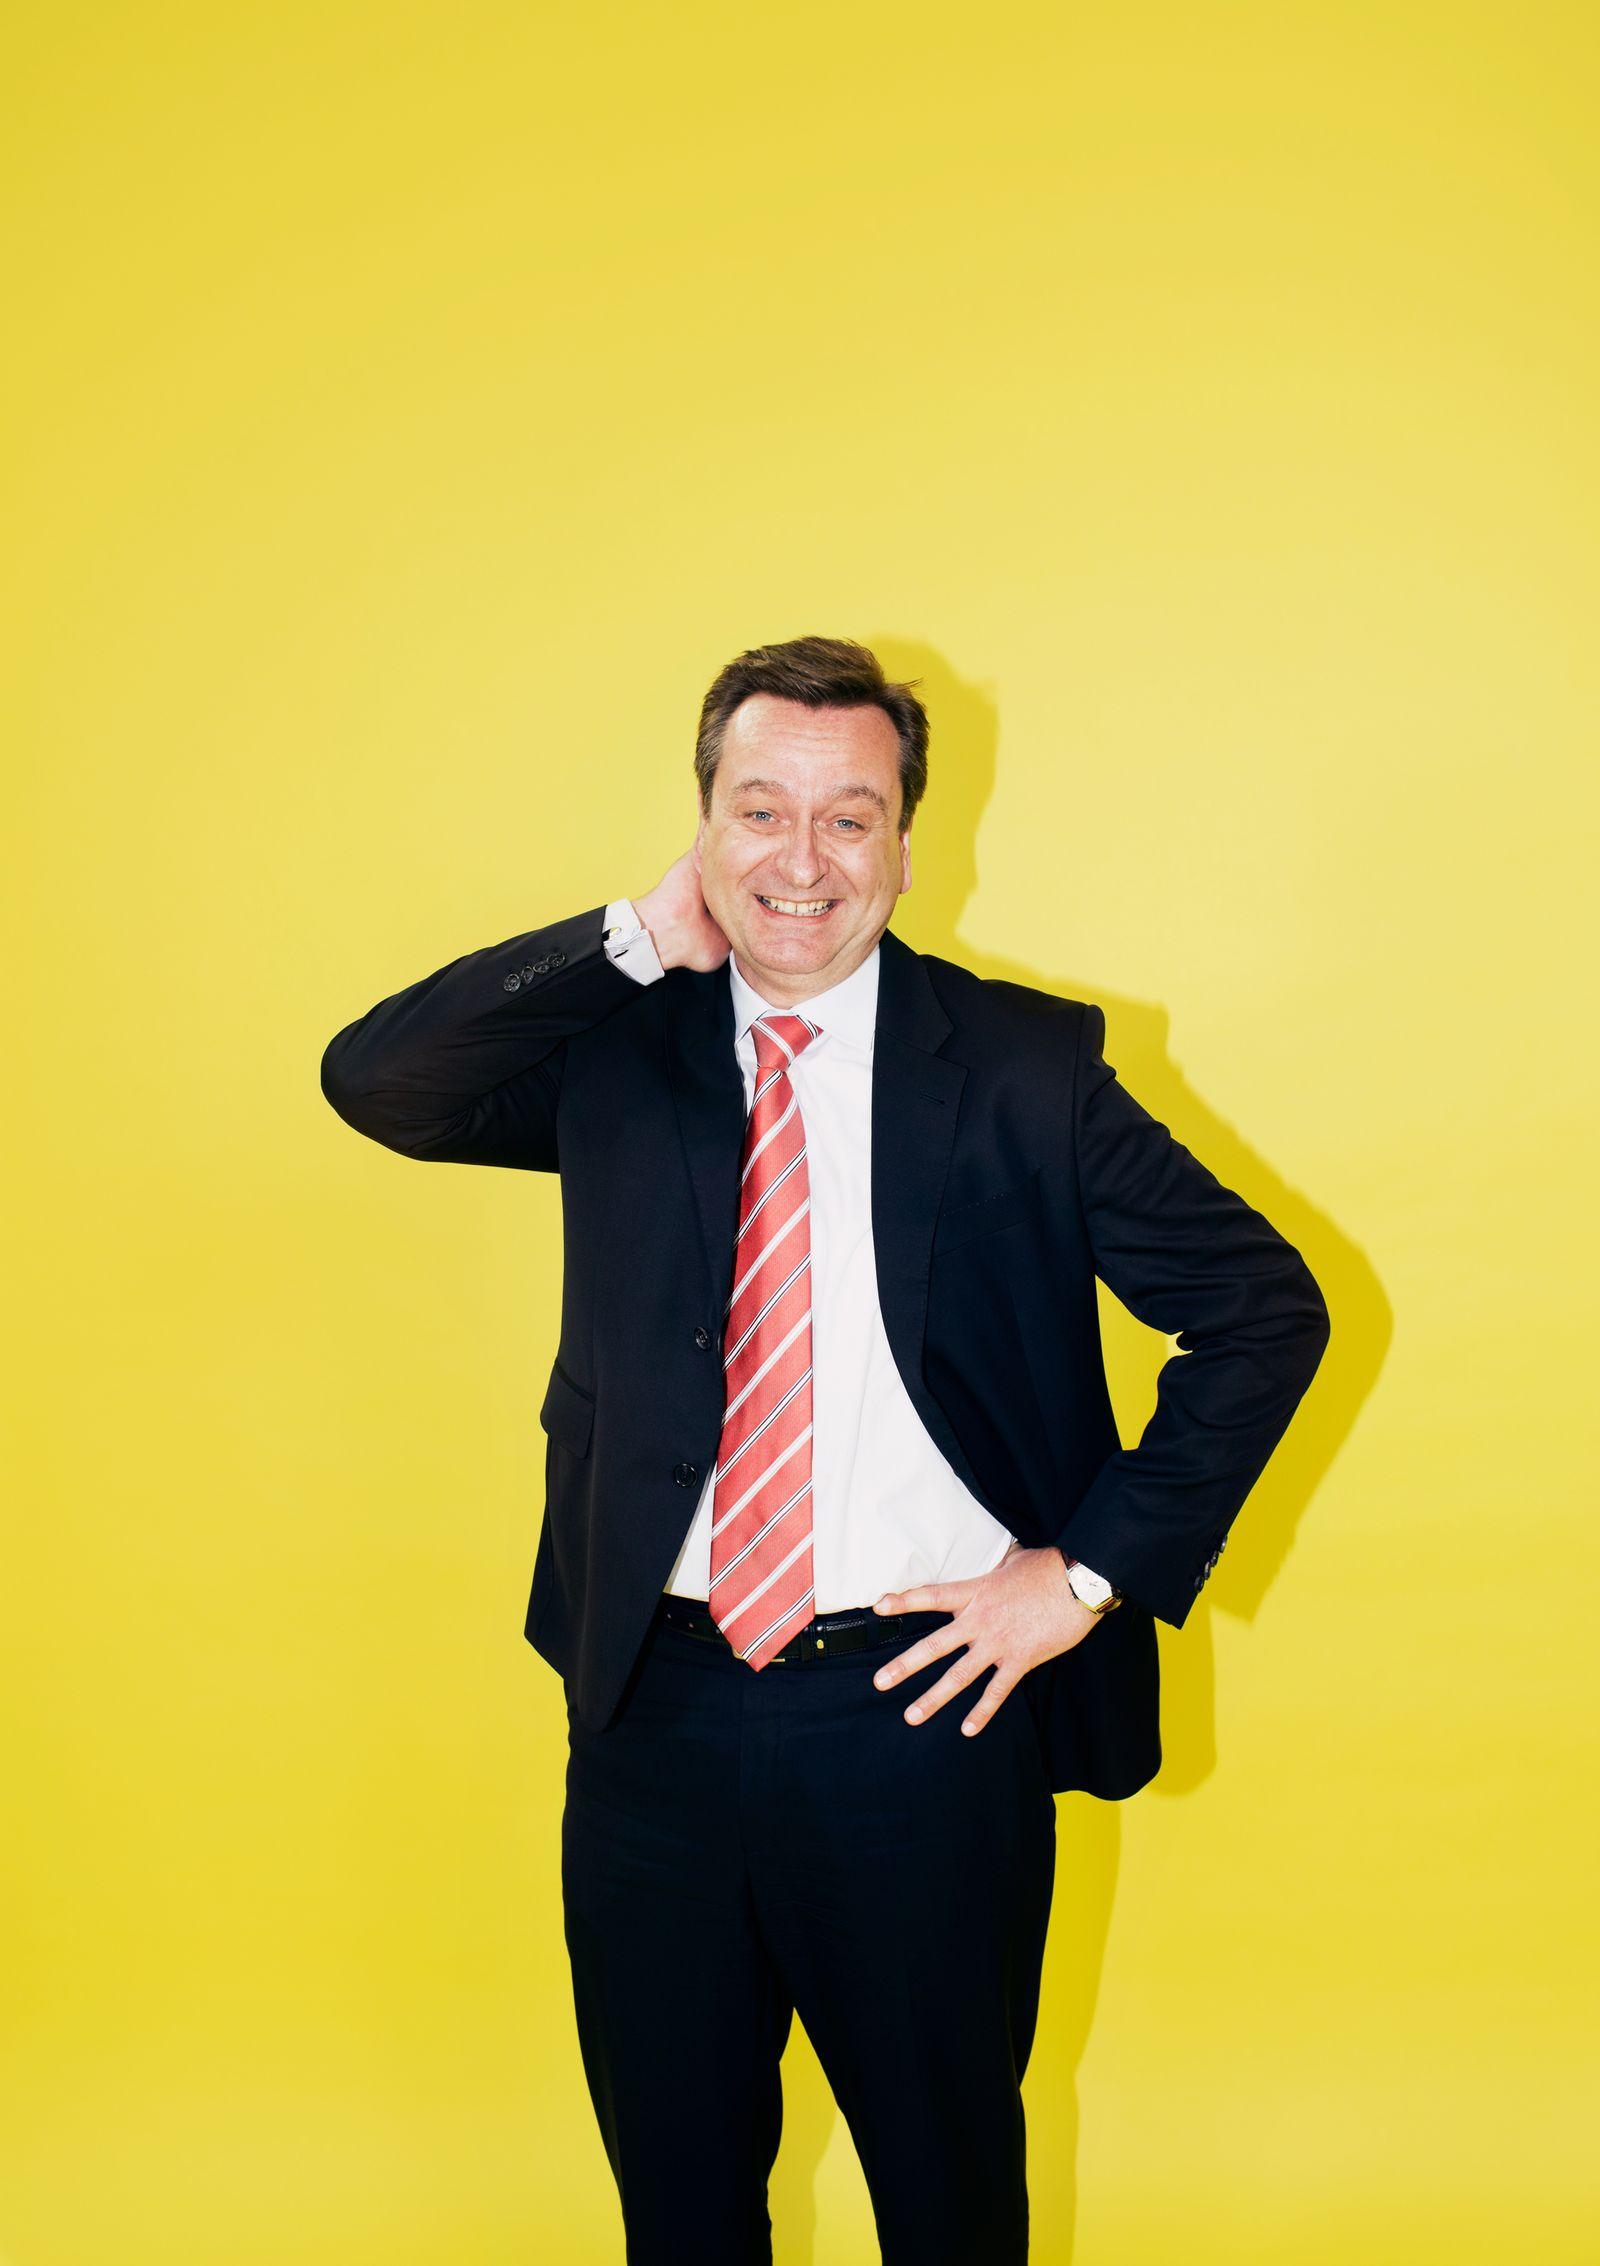 EINMALIGE VERWENDUNG Joachim Wenning, Münchener Rückversicherungs-Gesellschaft Aktiengesellschaft